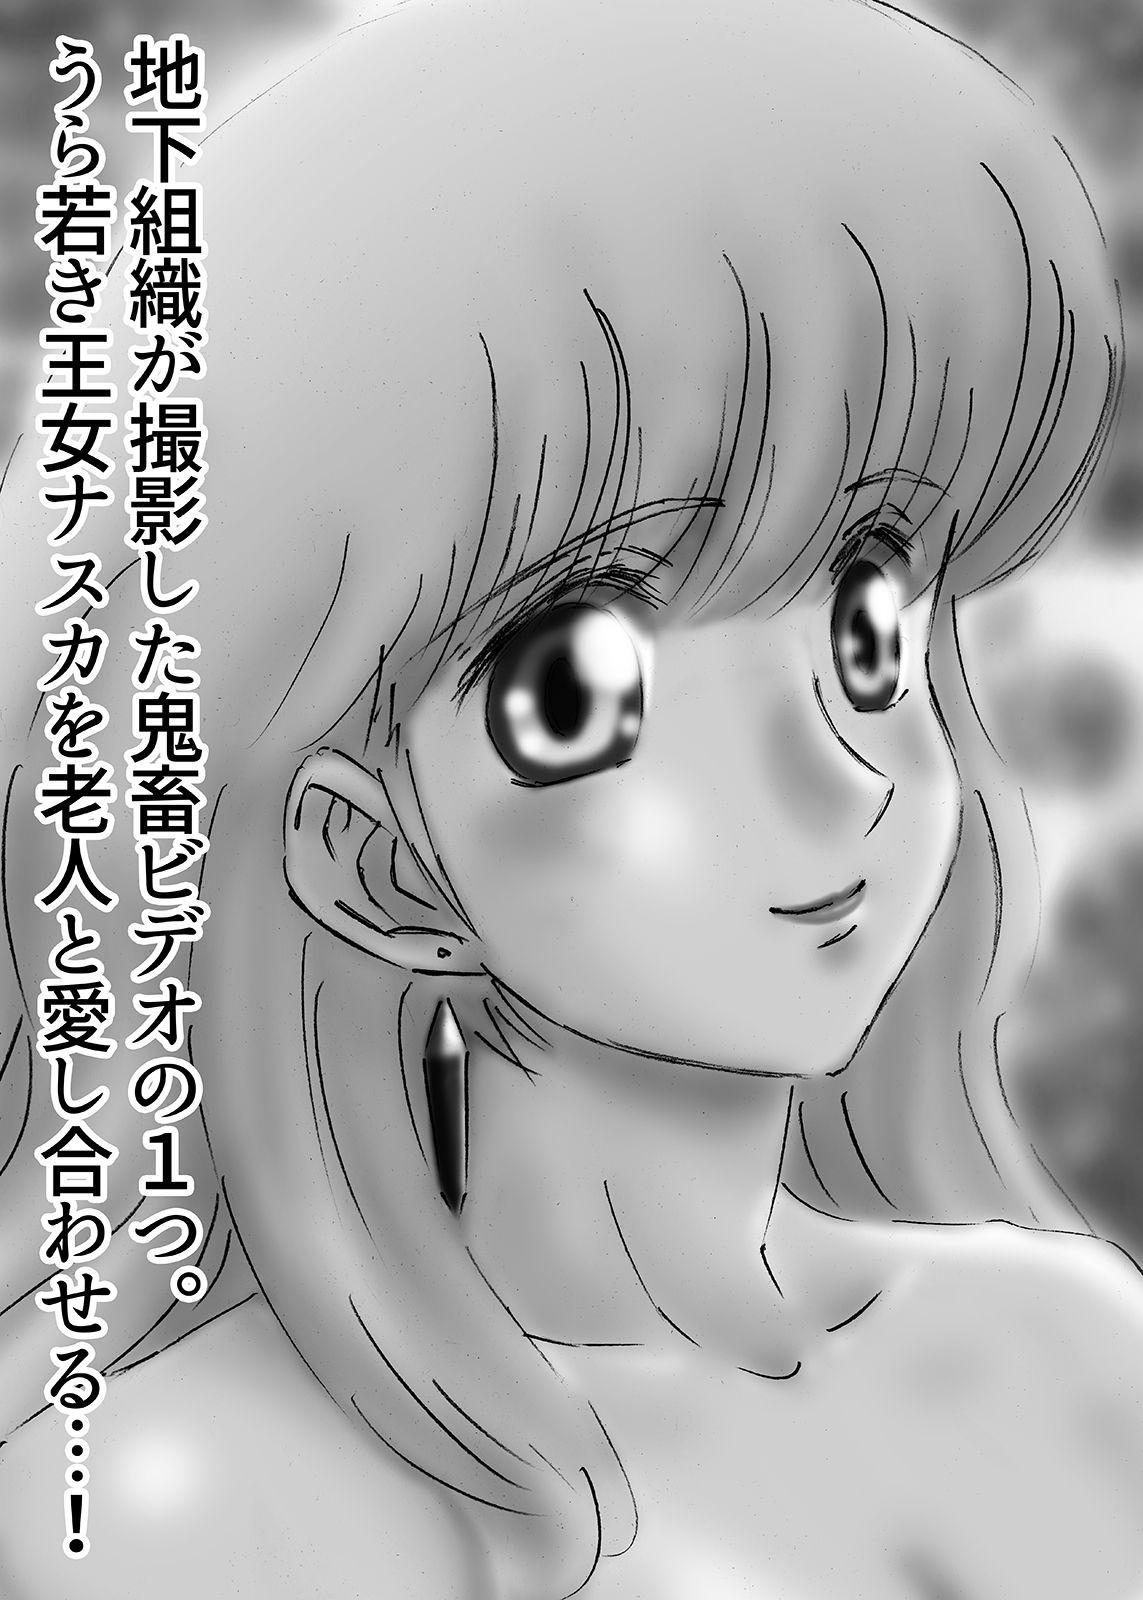 https://www.dmm.co.jp/dc/doujin/-/detail/=/cid=d_211589/